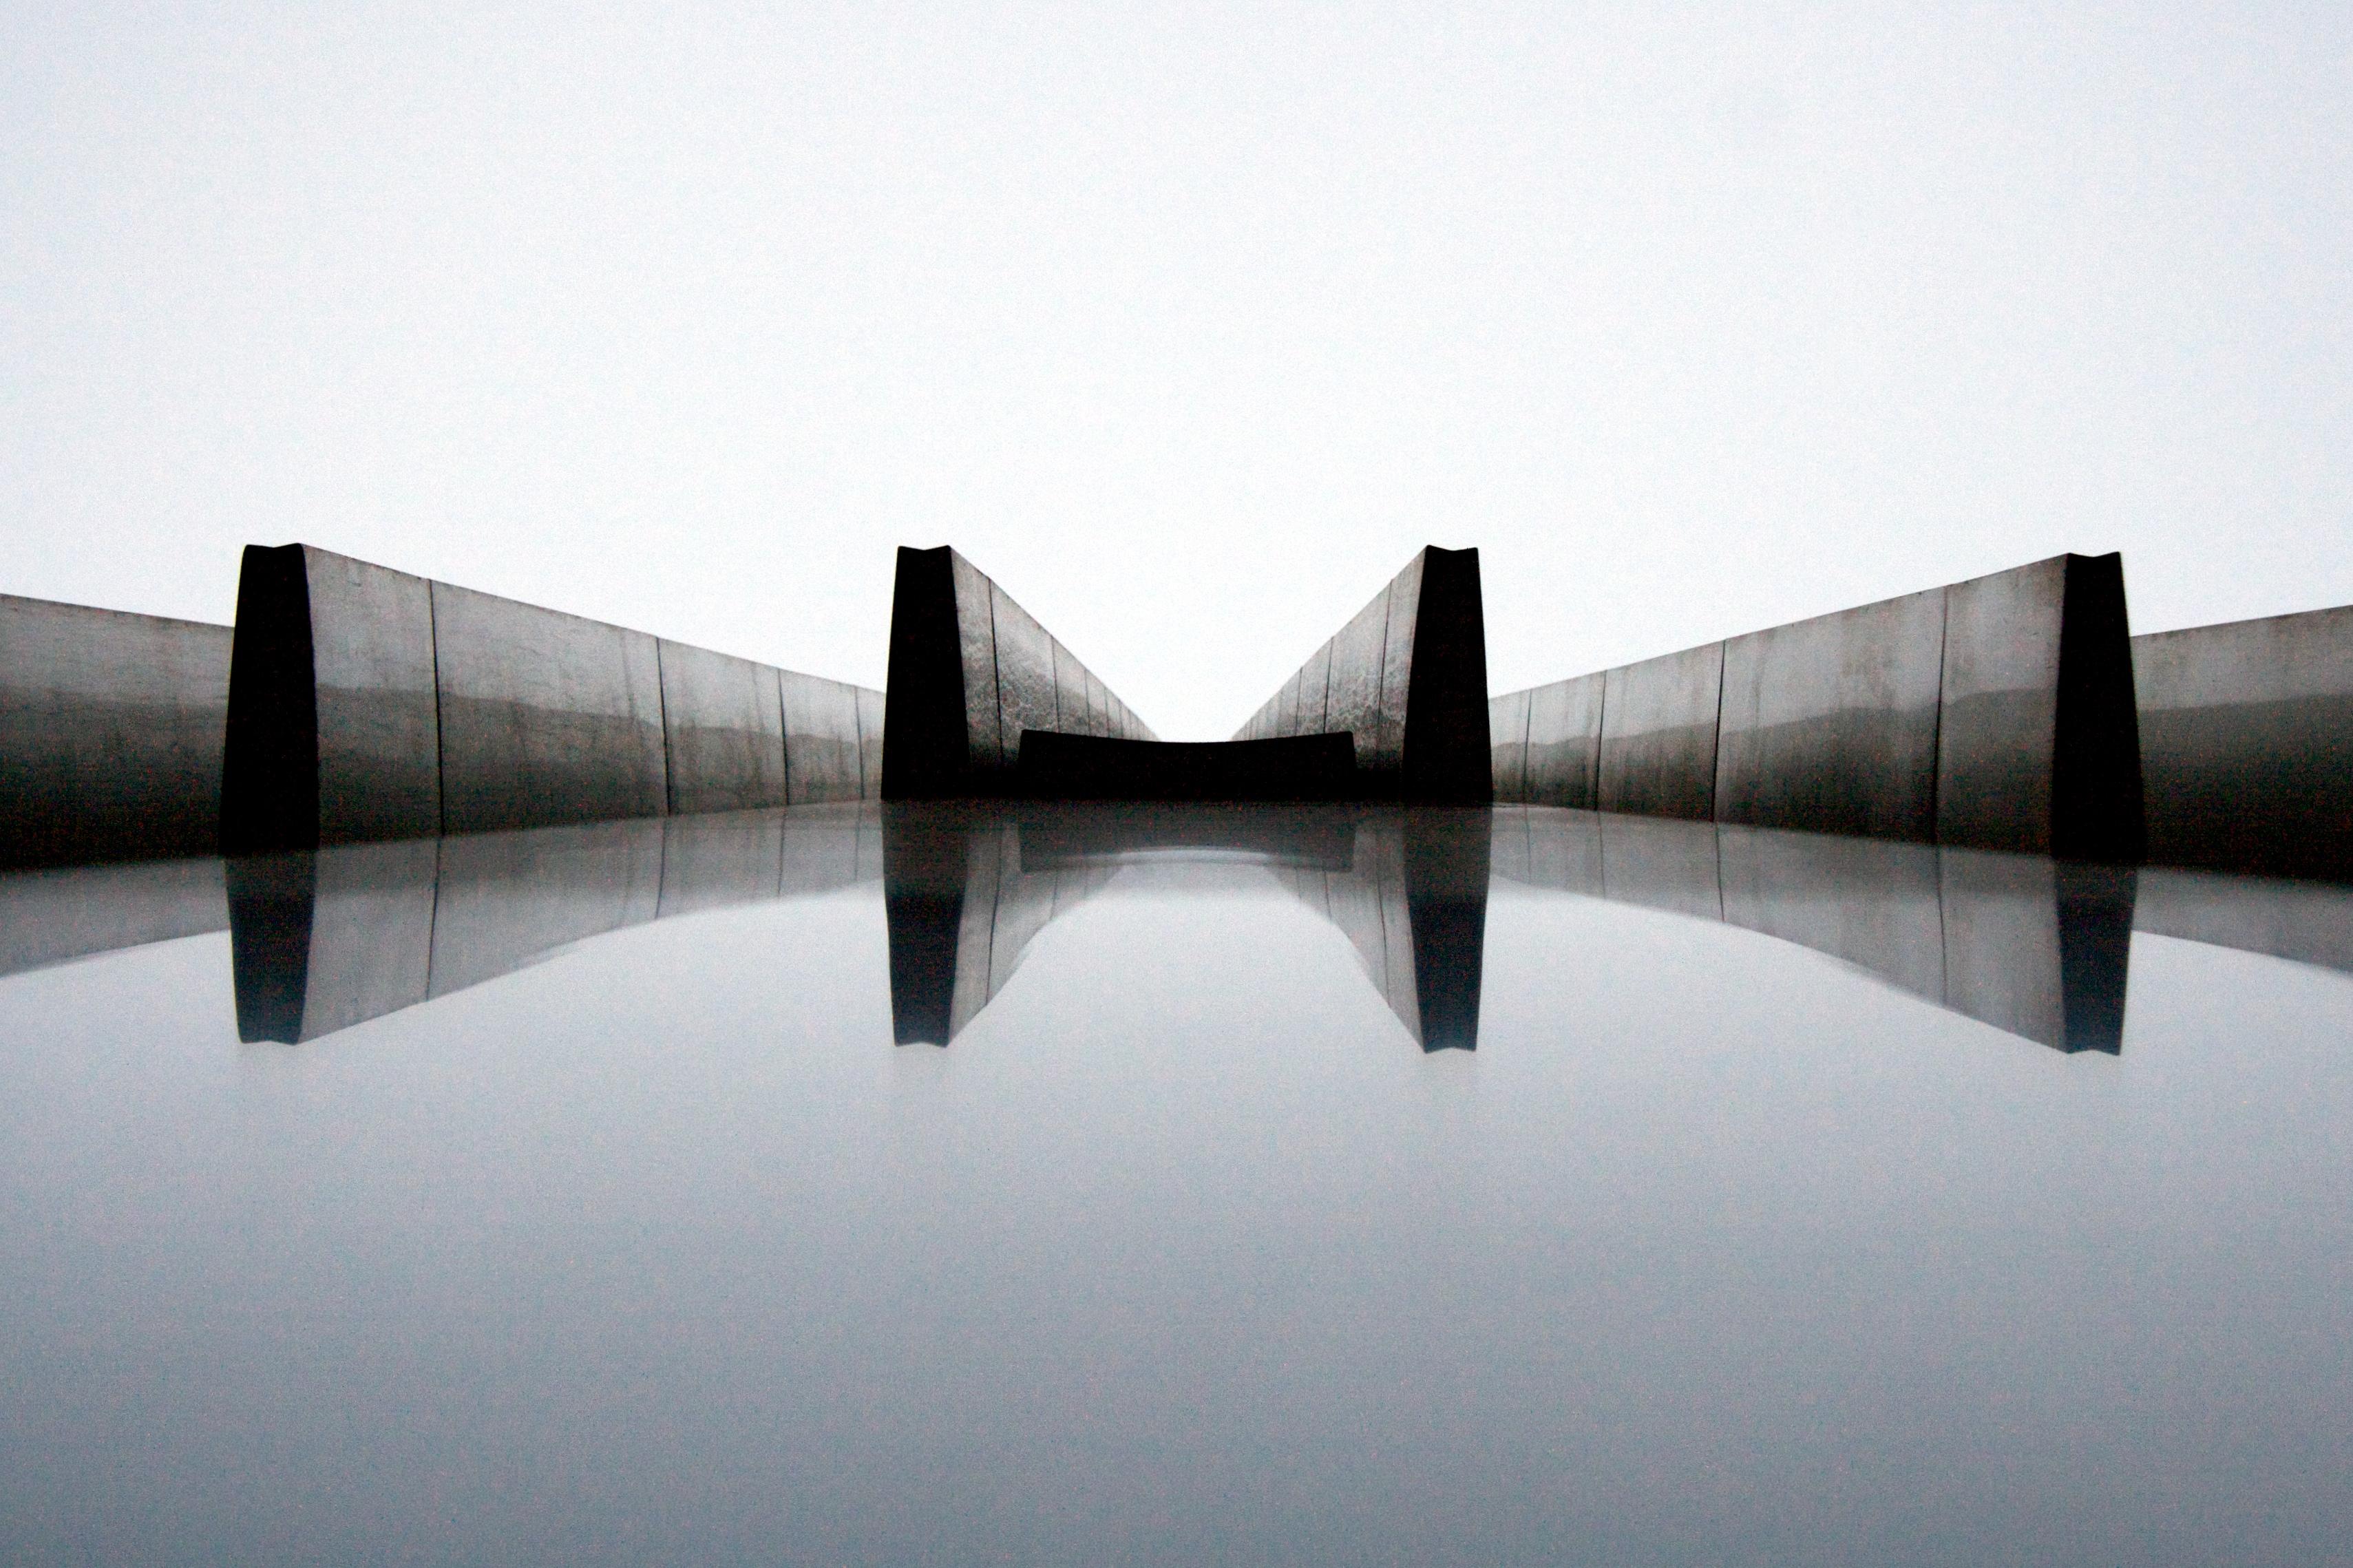 Fondos de pantalla arquitectura abstracto agua for Foto minimaliste